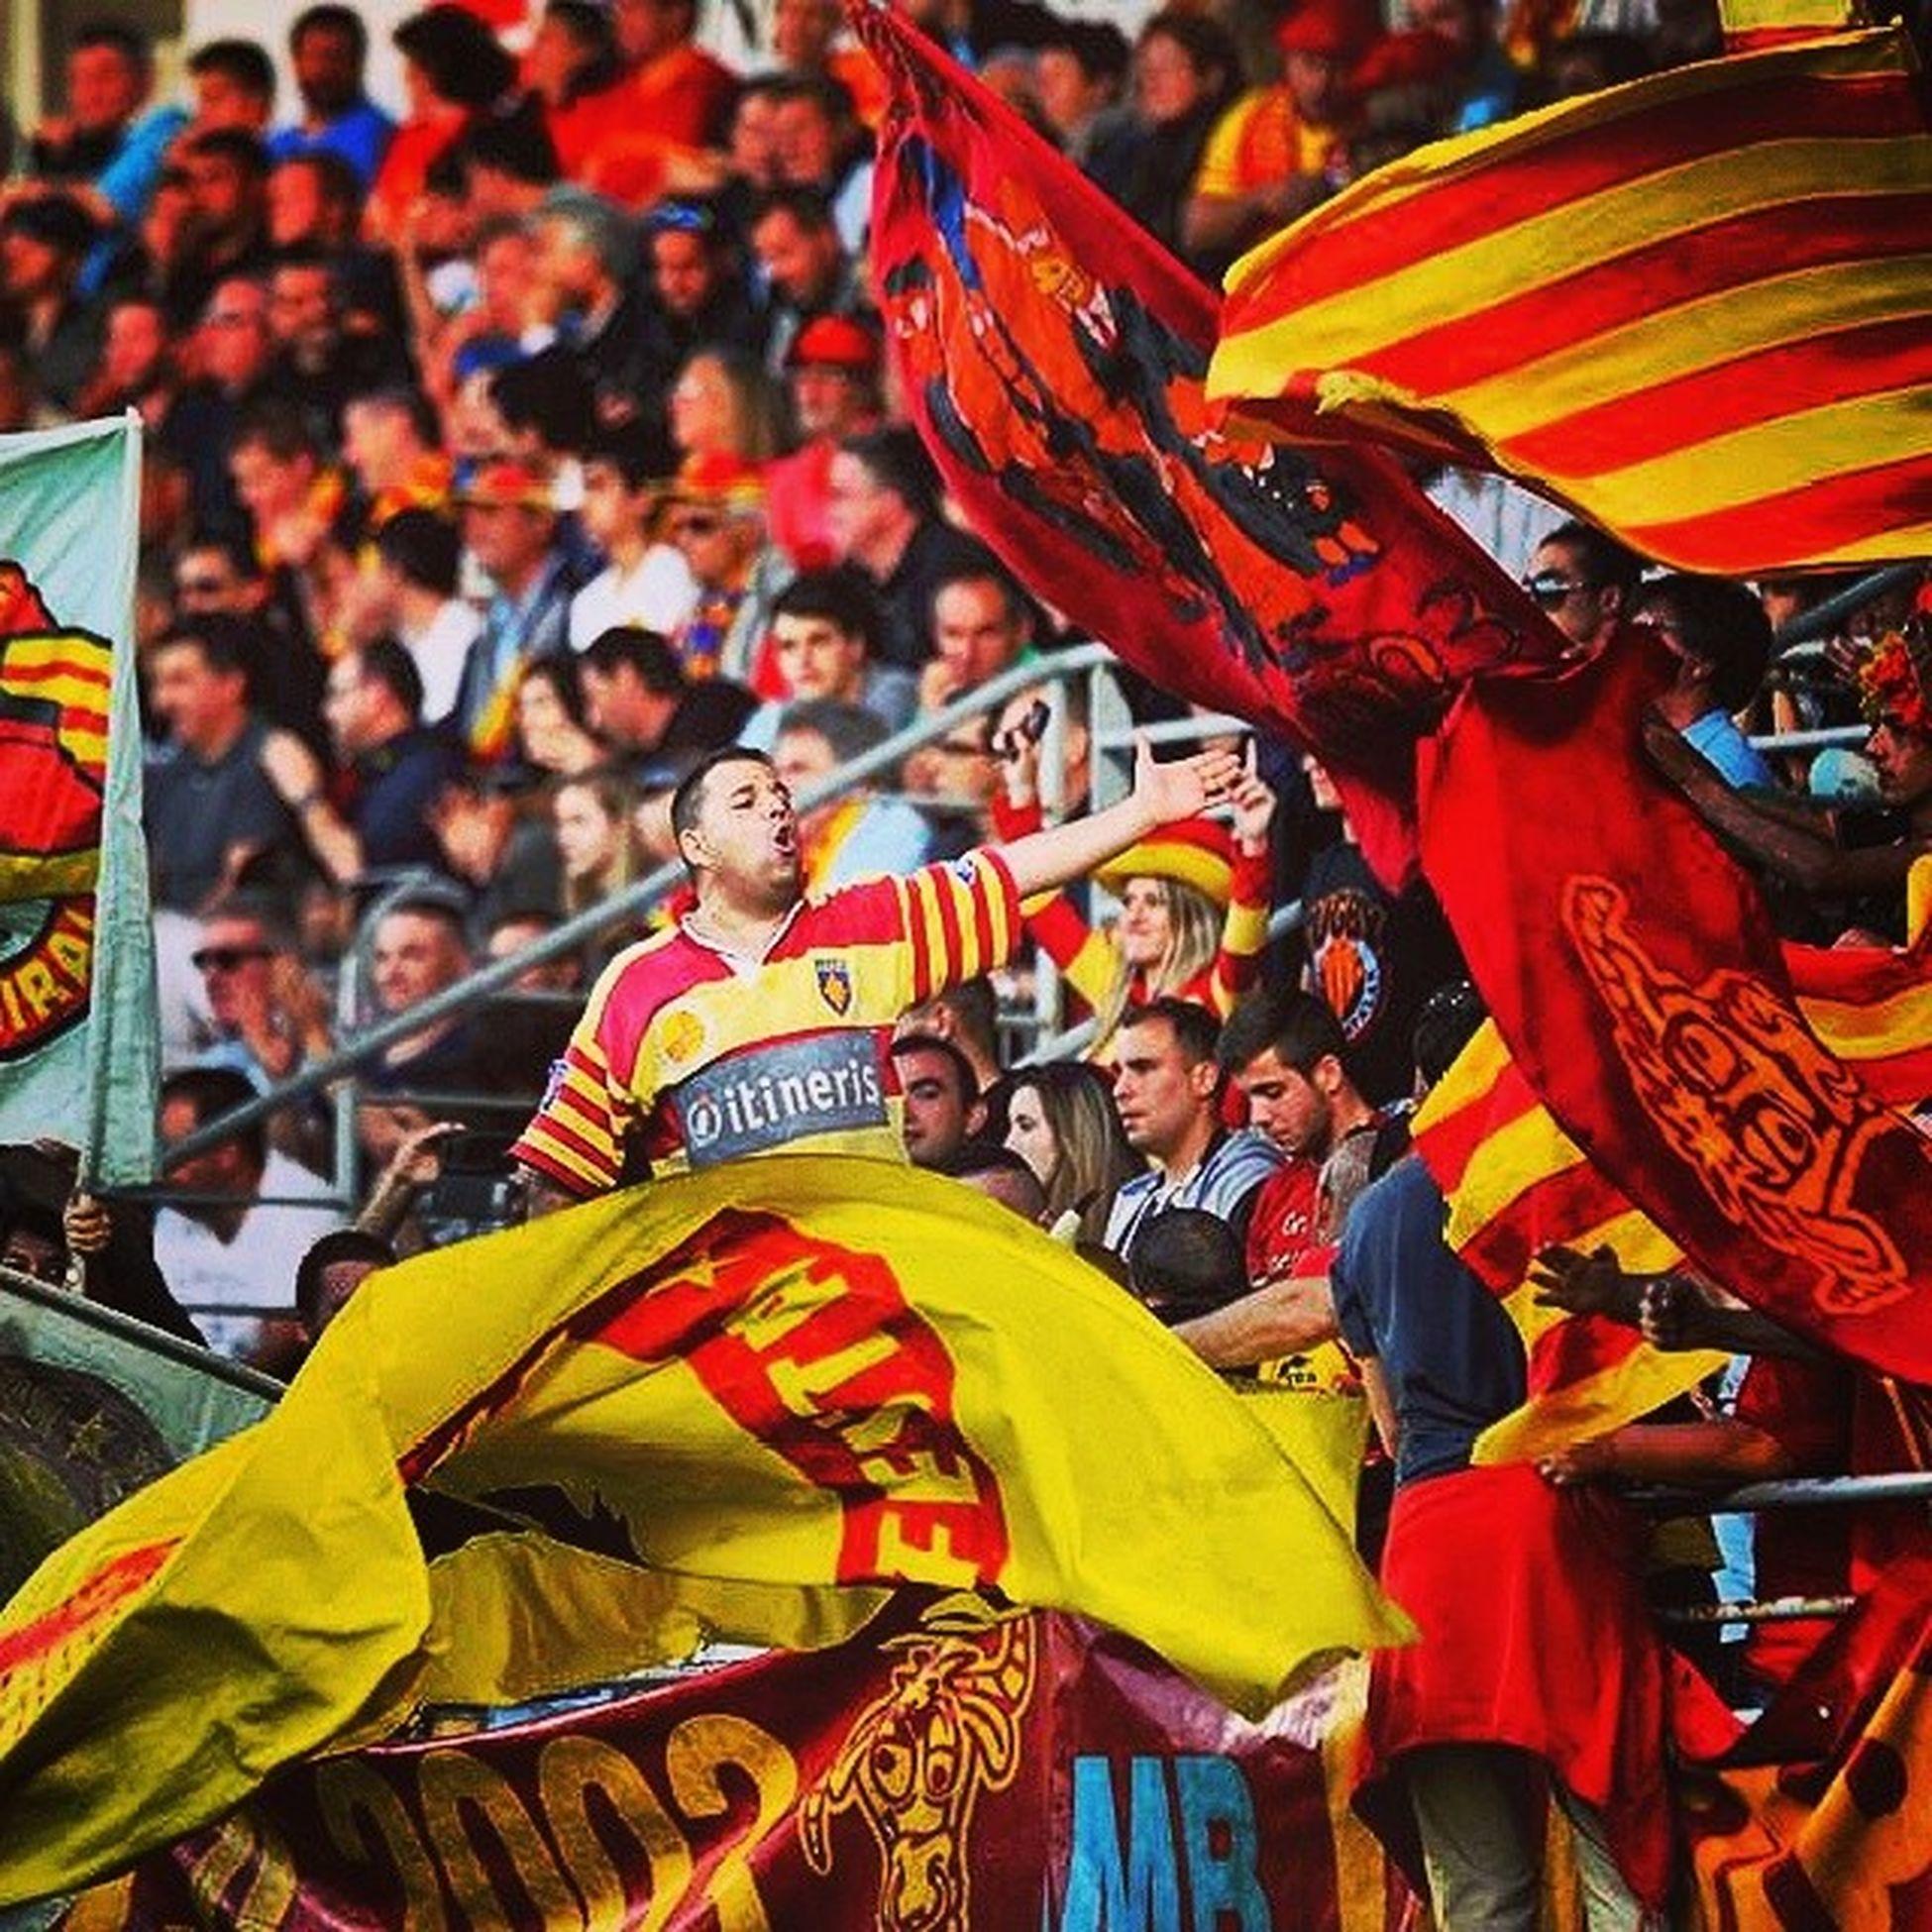 Usap siempre endavant <3 per totes el temps en elits. Rugby Sangetor Siempre Usap Top14 Frenchteam love catalansdelnorte